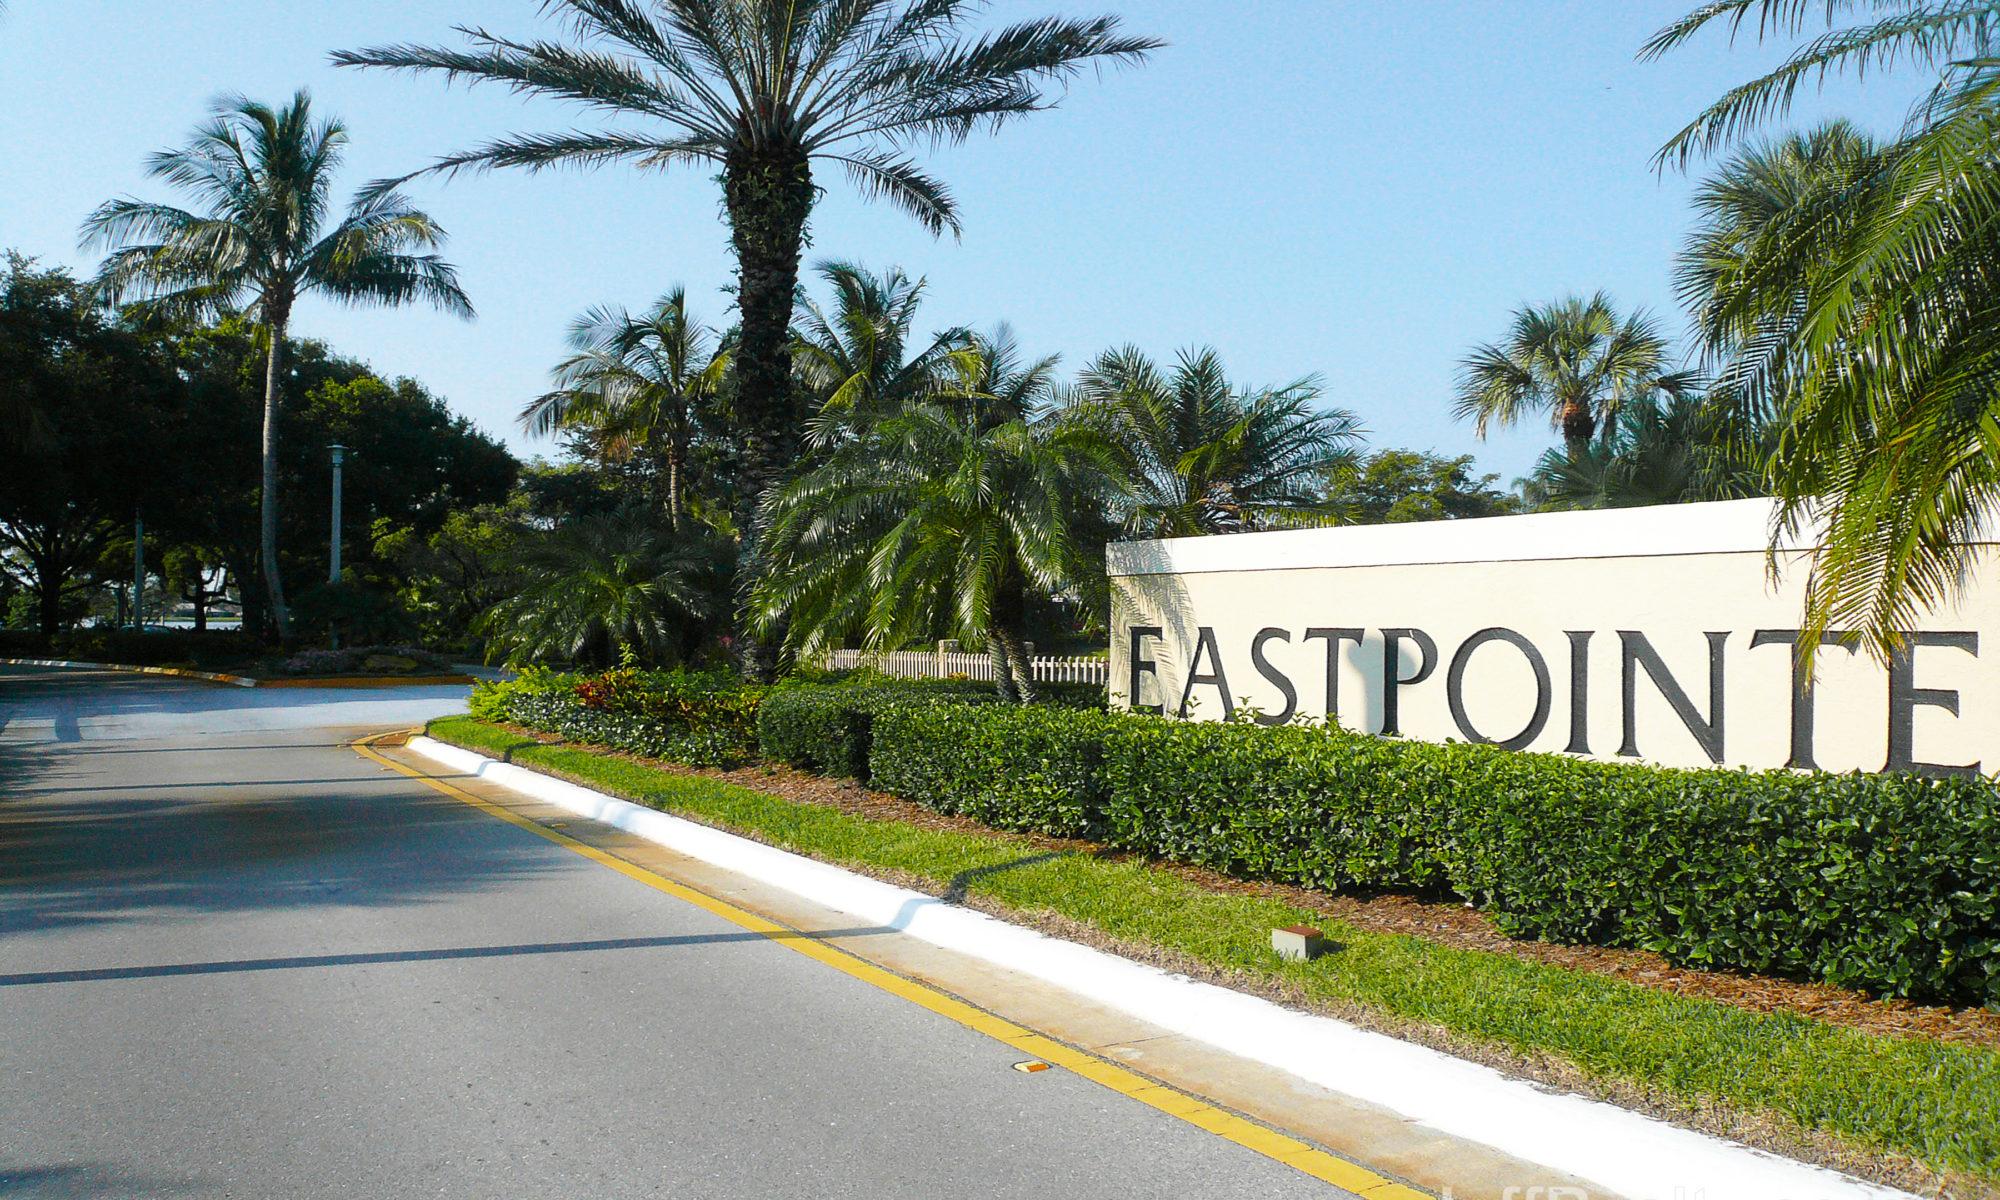 01_Eastpointe